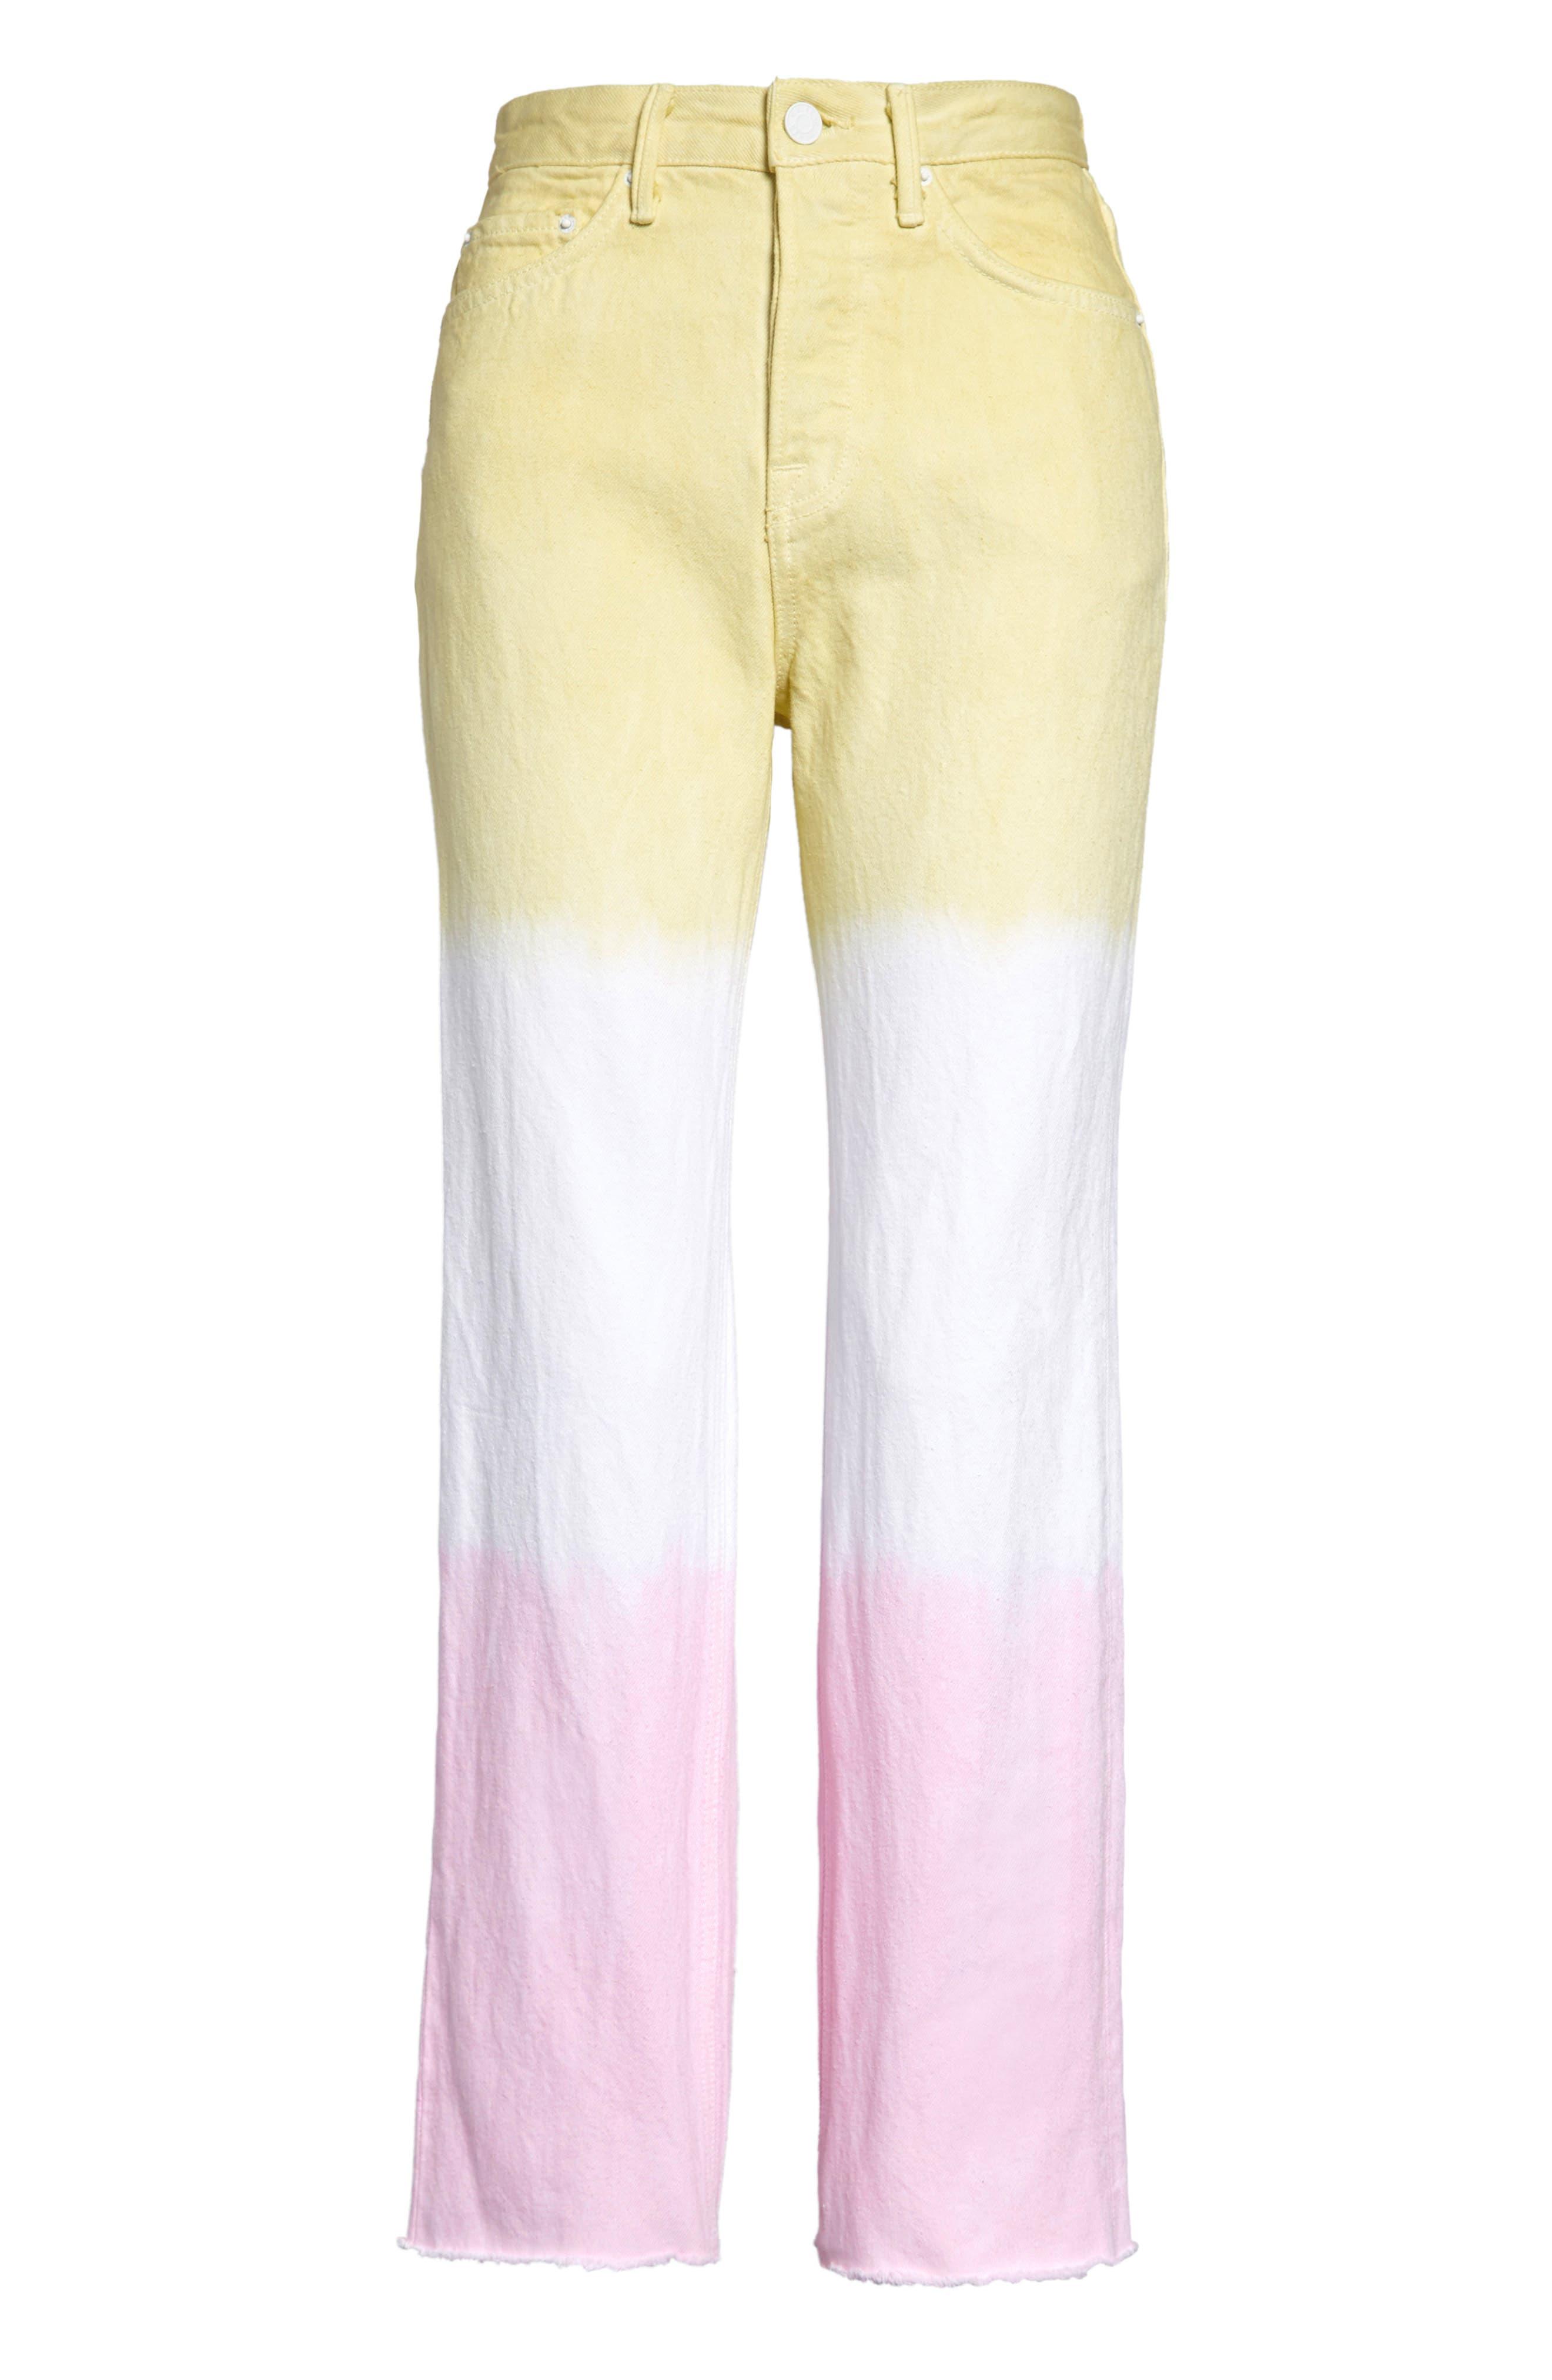 Mica Dye Stripe Crop Straight Leg Jeans